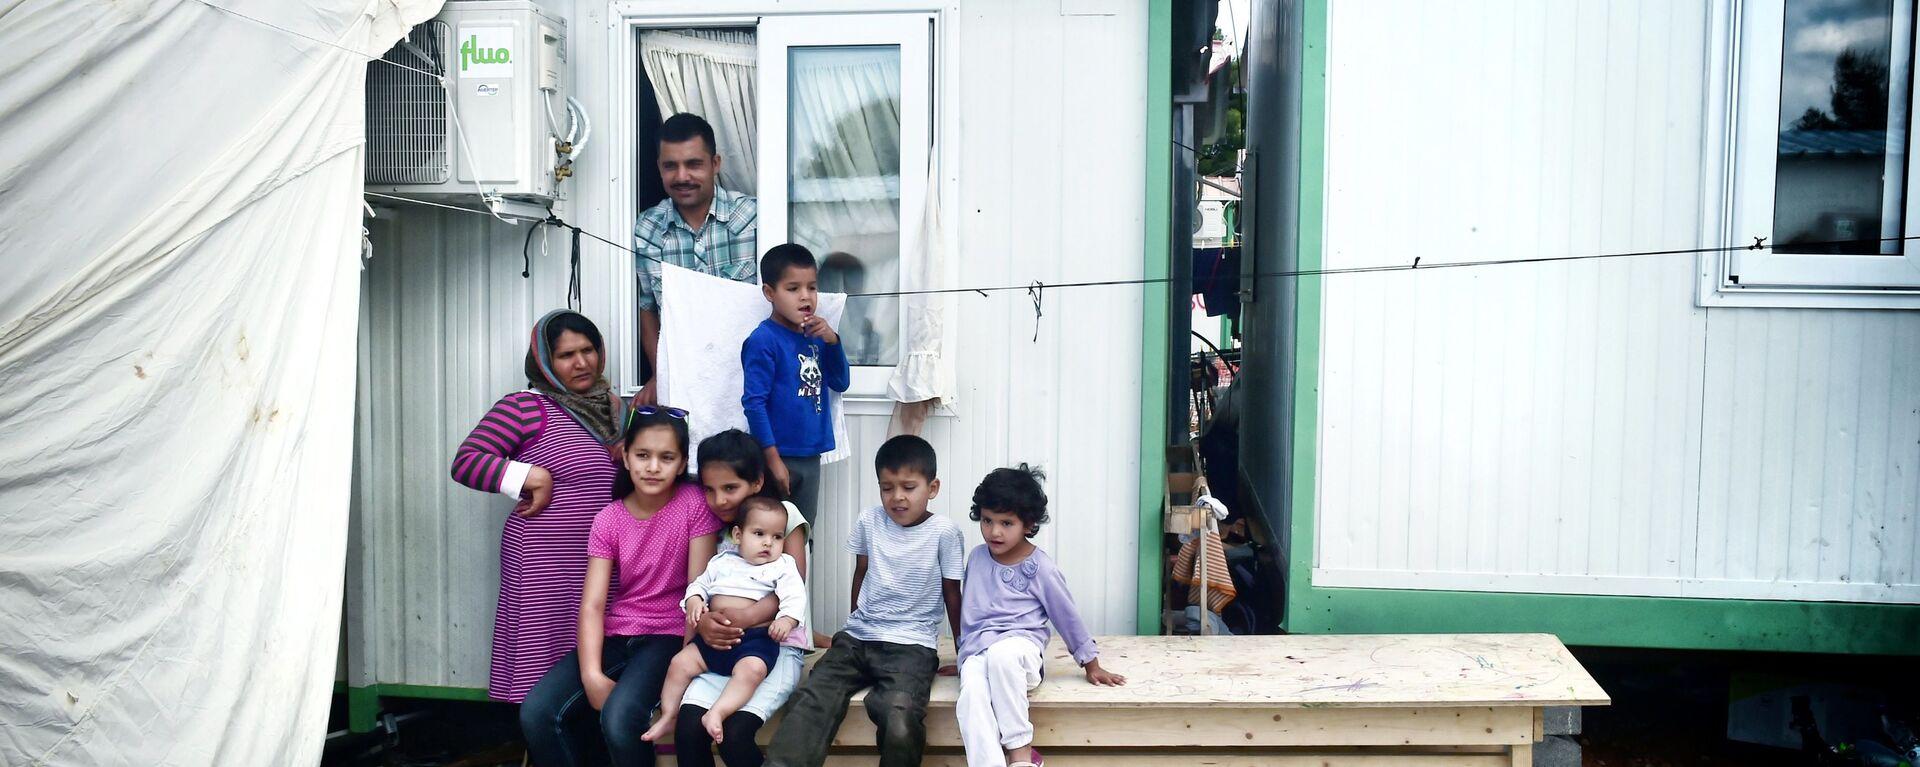 Rodzina afgańskich uchodźców w Atenach - Sputnik Polska, 1920, 29.07.2021